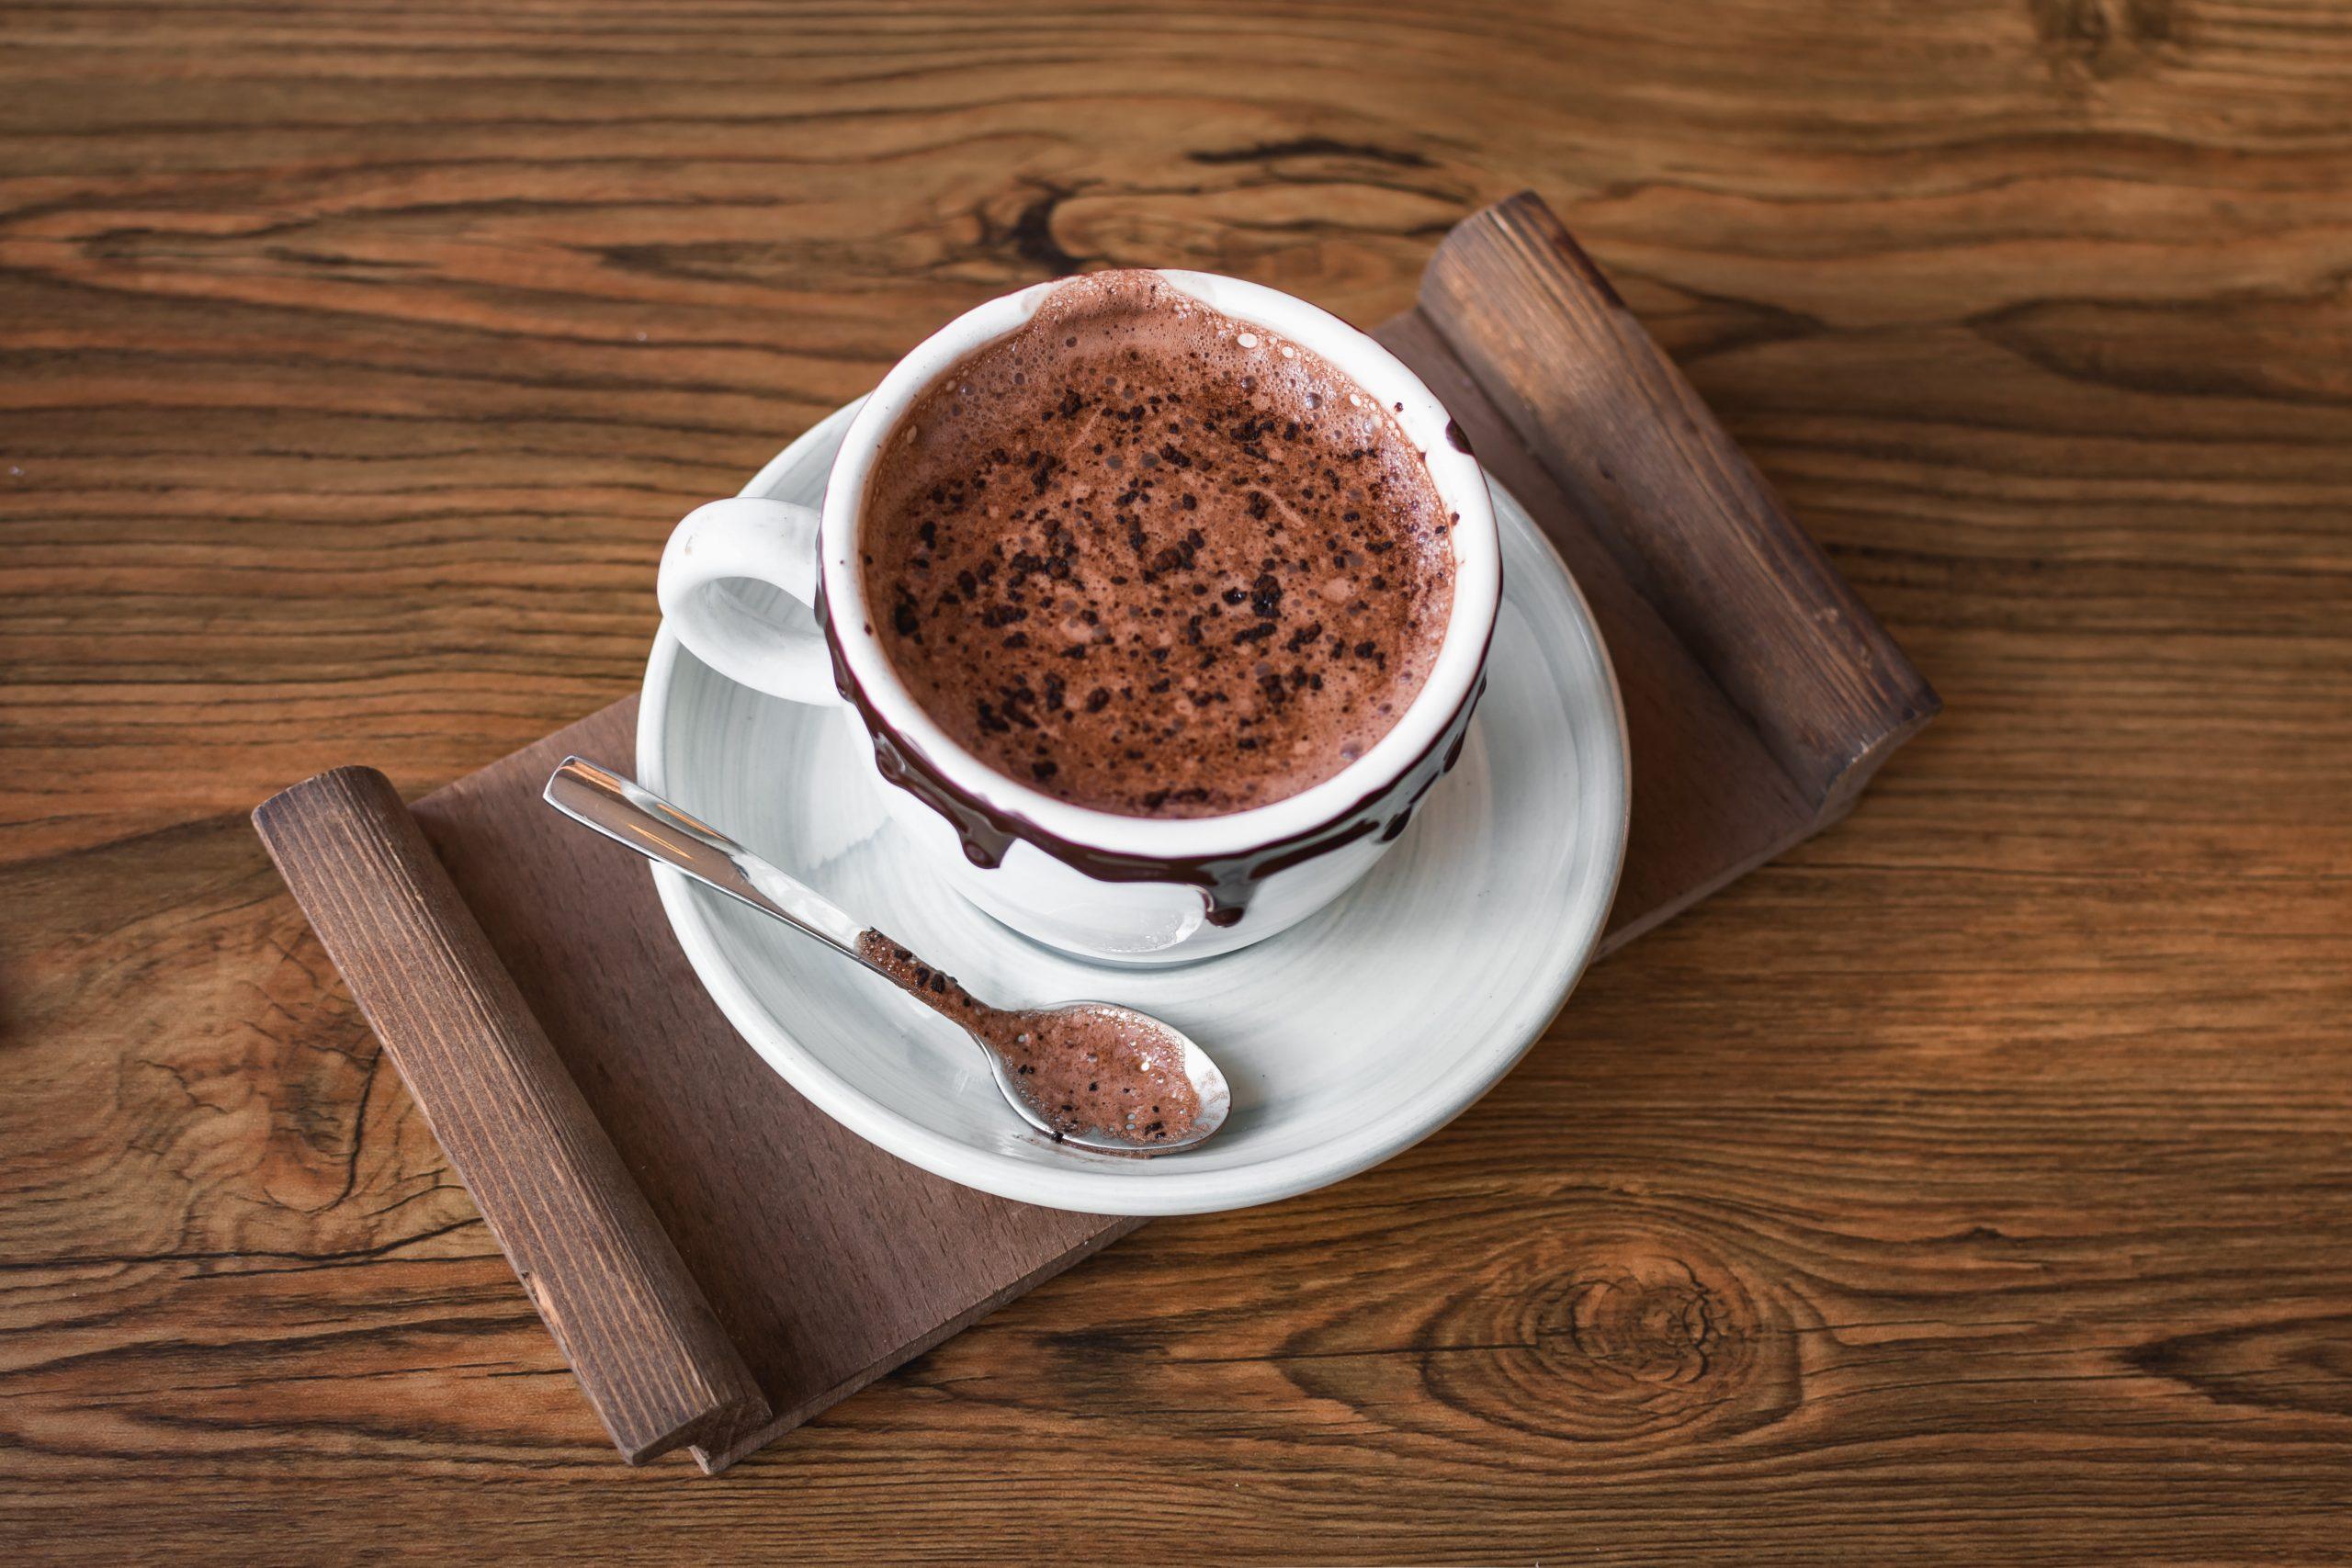 sirovi kakao01-slowage365